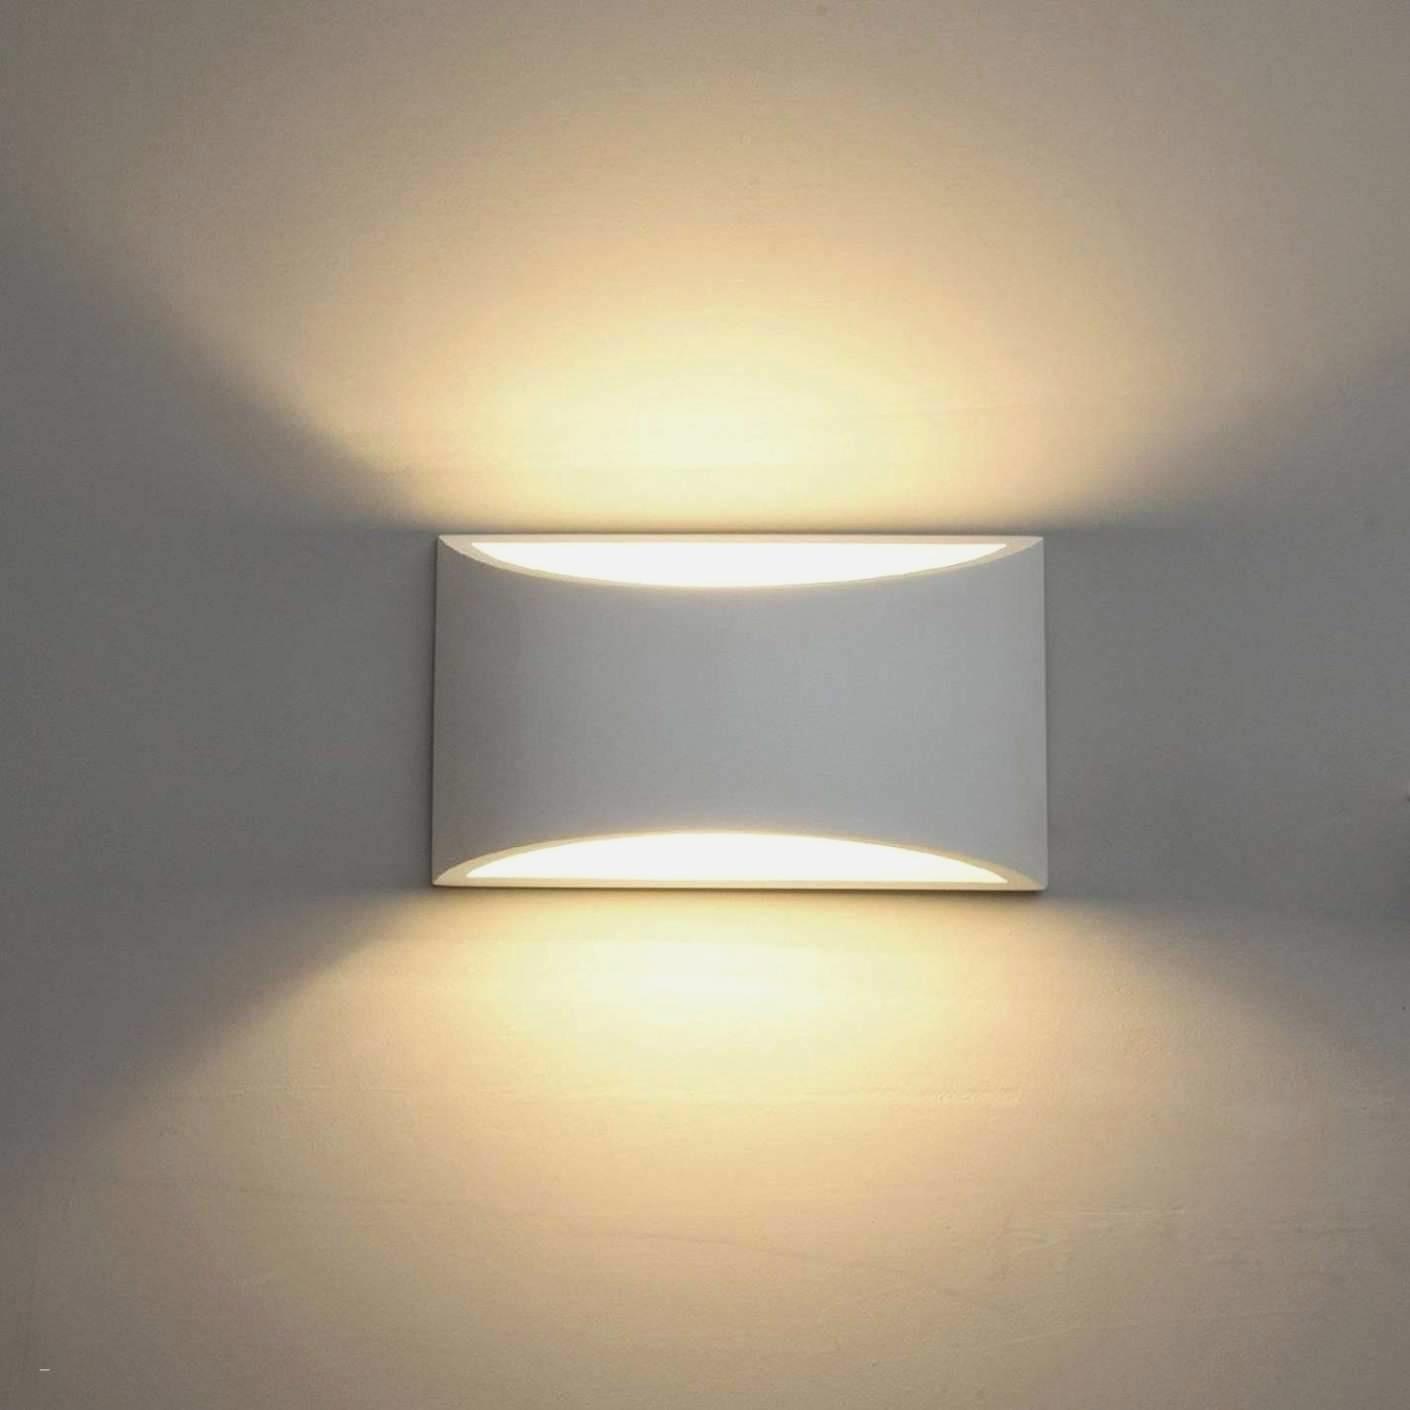 Full Size of Wohnzimmer Led Lampe Deckenlampe Badezimmer Sofa Leder Liege Beleuchtung Bad Designer Lampen Esstisch Deckenstrahler Tapete Hängeschrank Mit Moderne Wohnzimmer Wohnzimmer Led Lampe